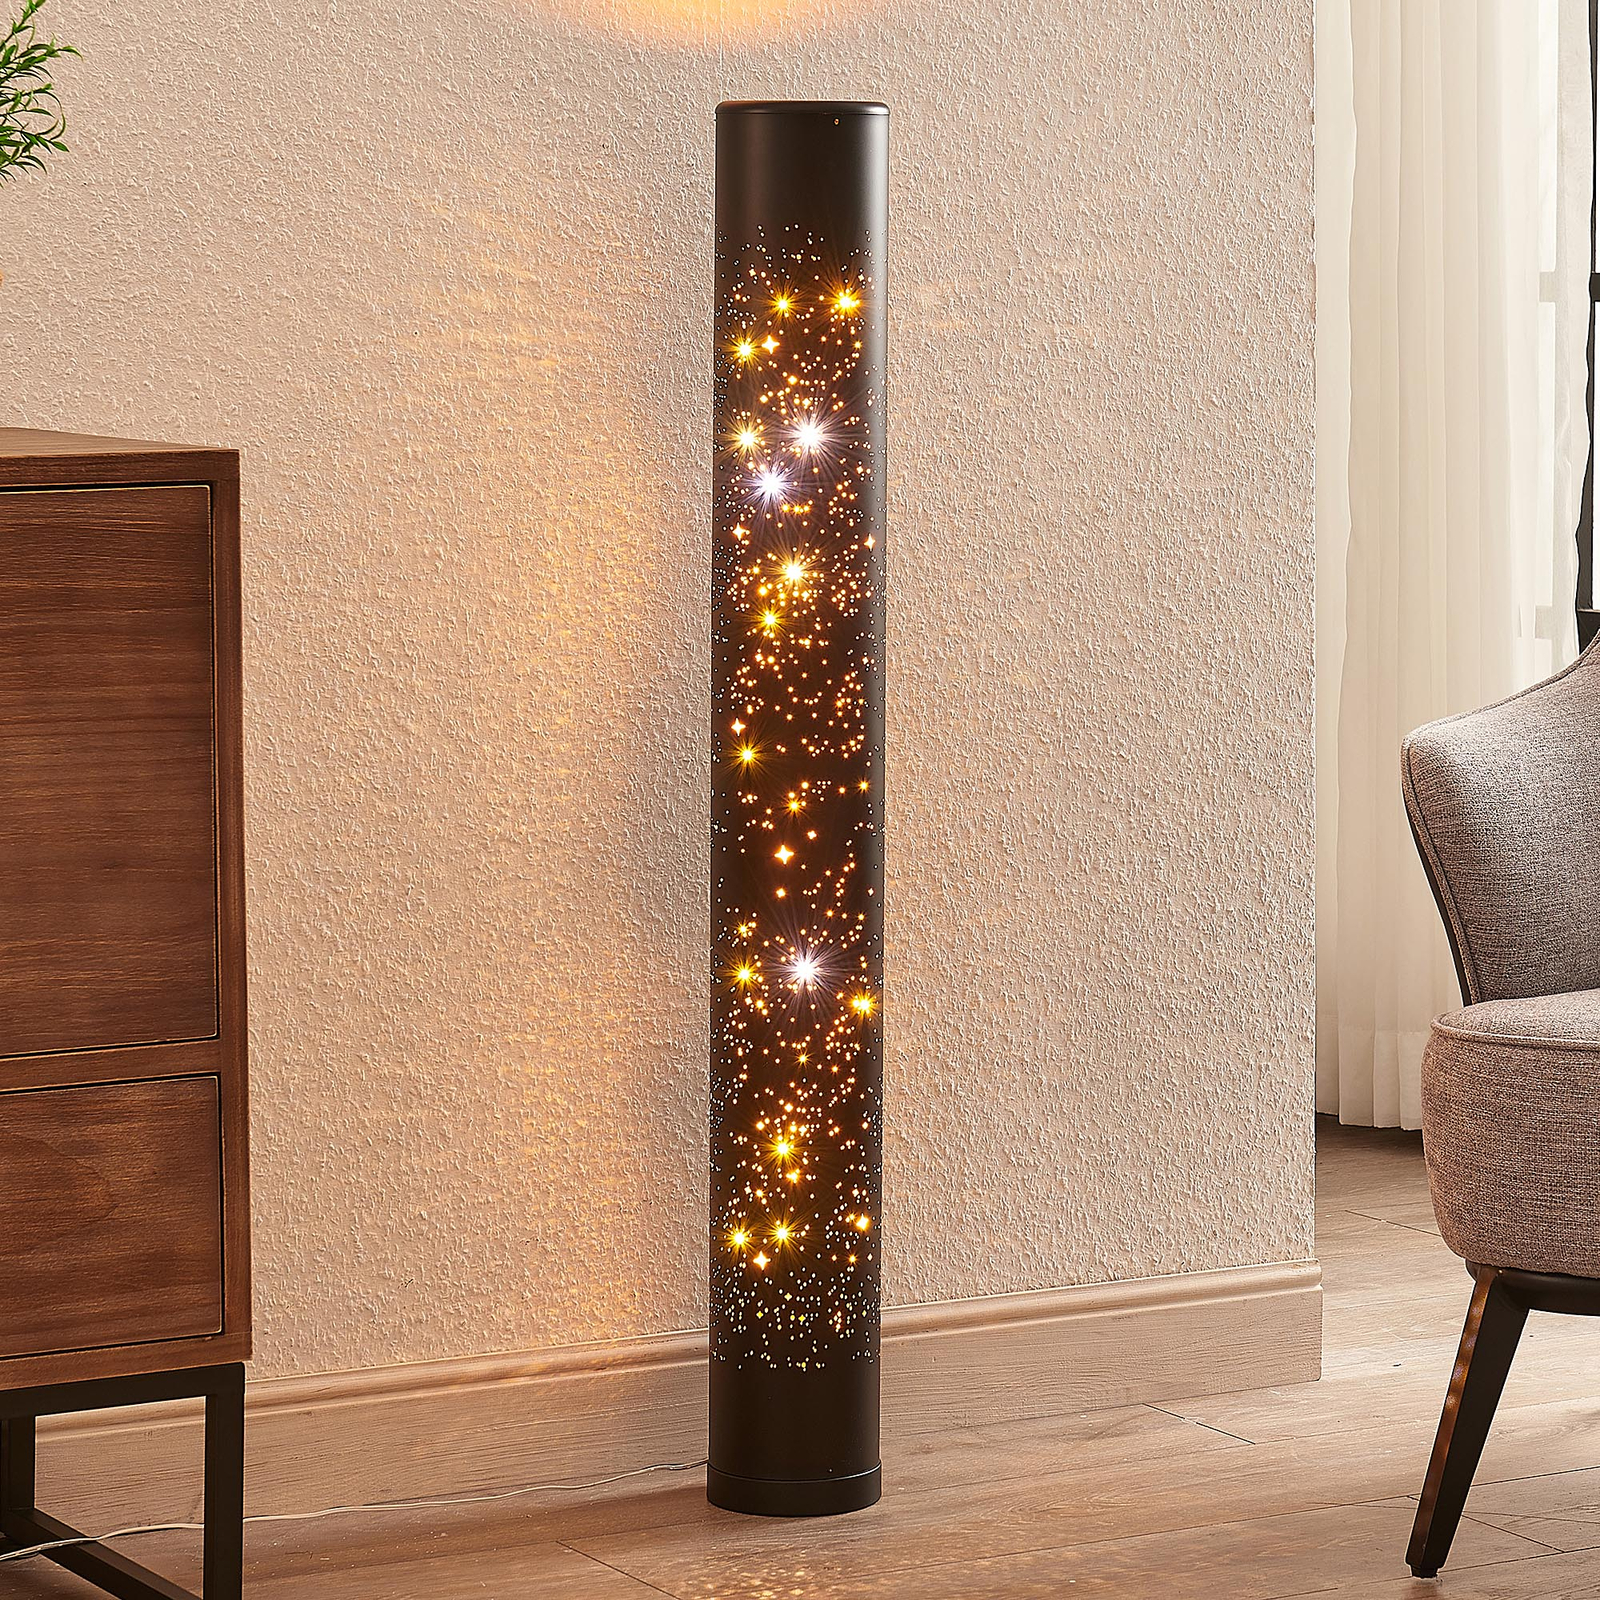 Lindby Lengla LED vloerlamp in zwart